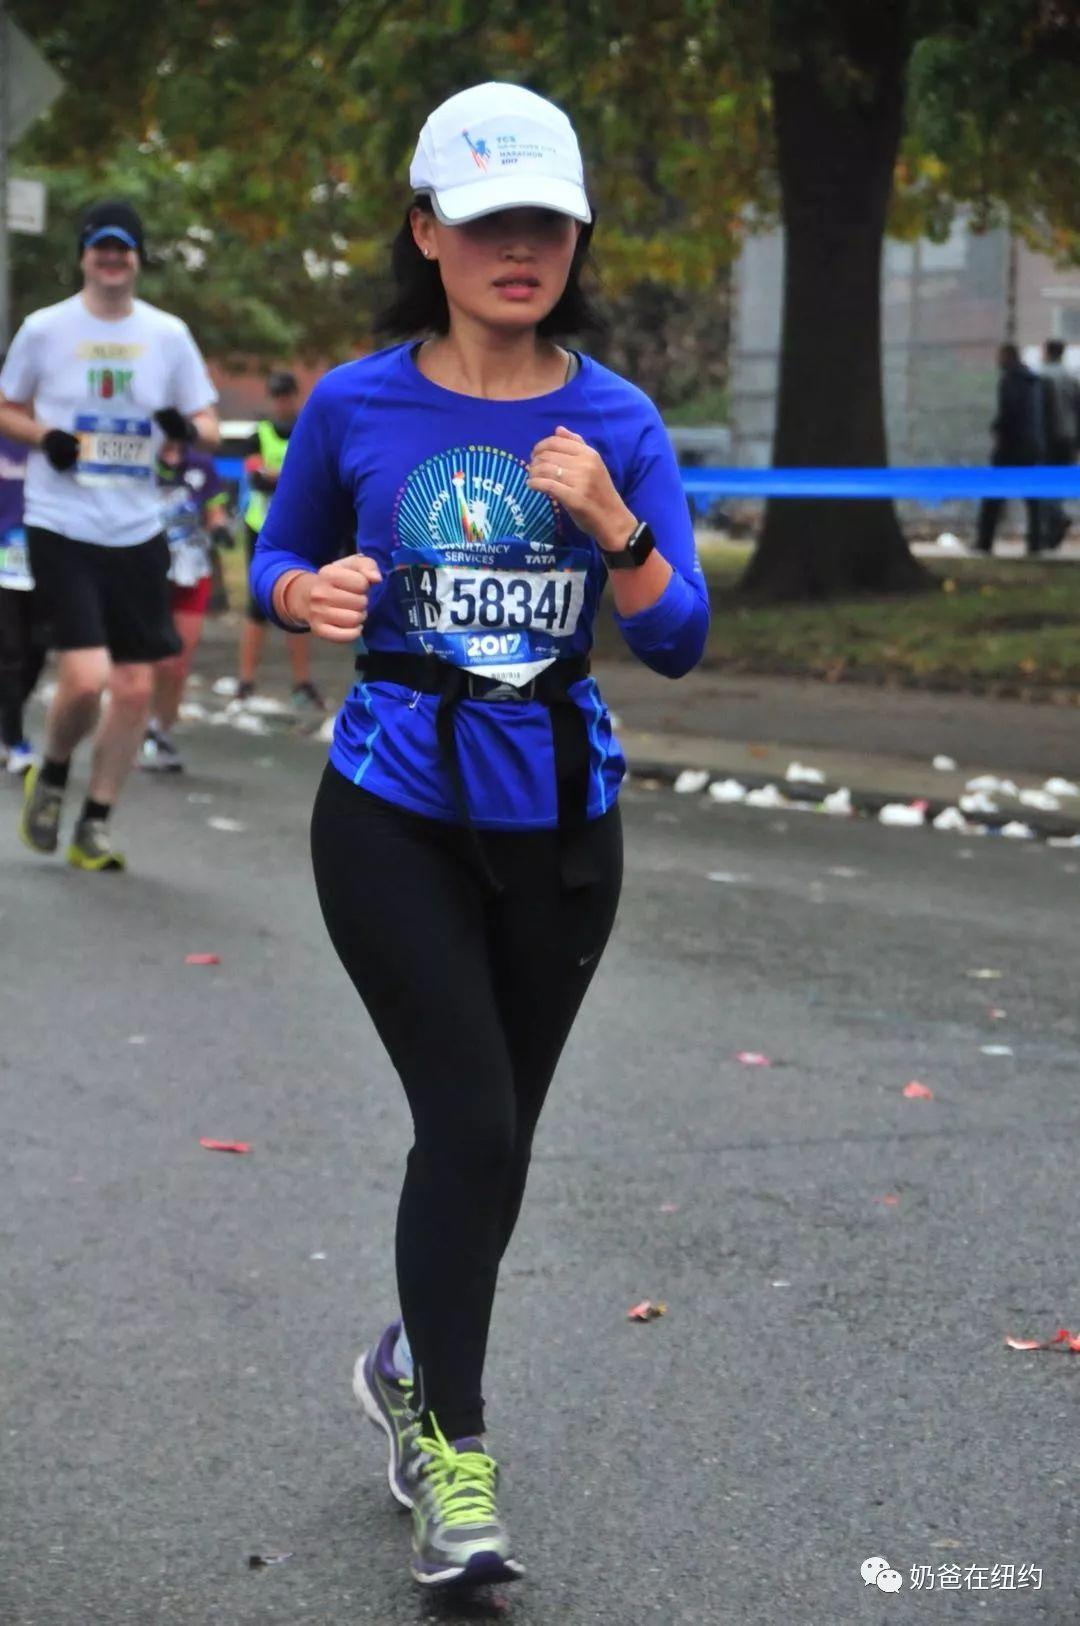 记李凯西跑完马拉松之后